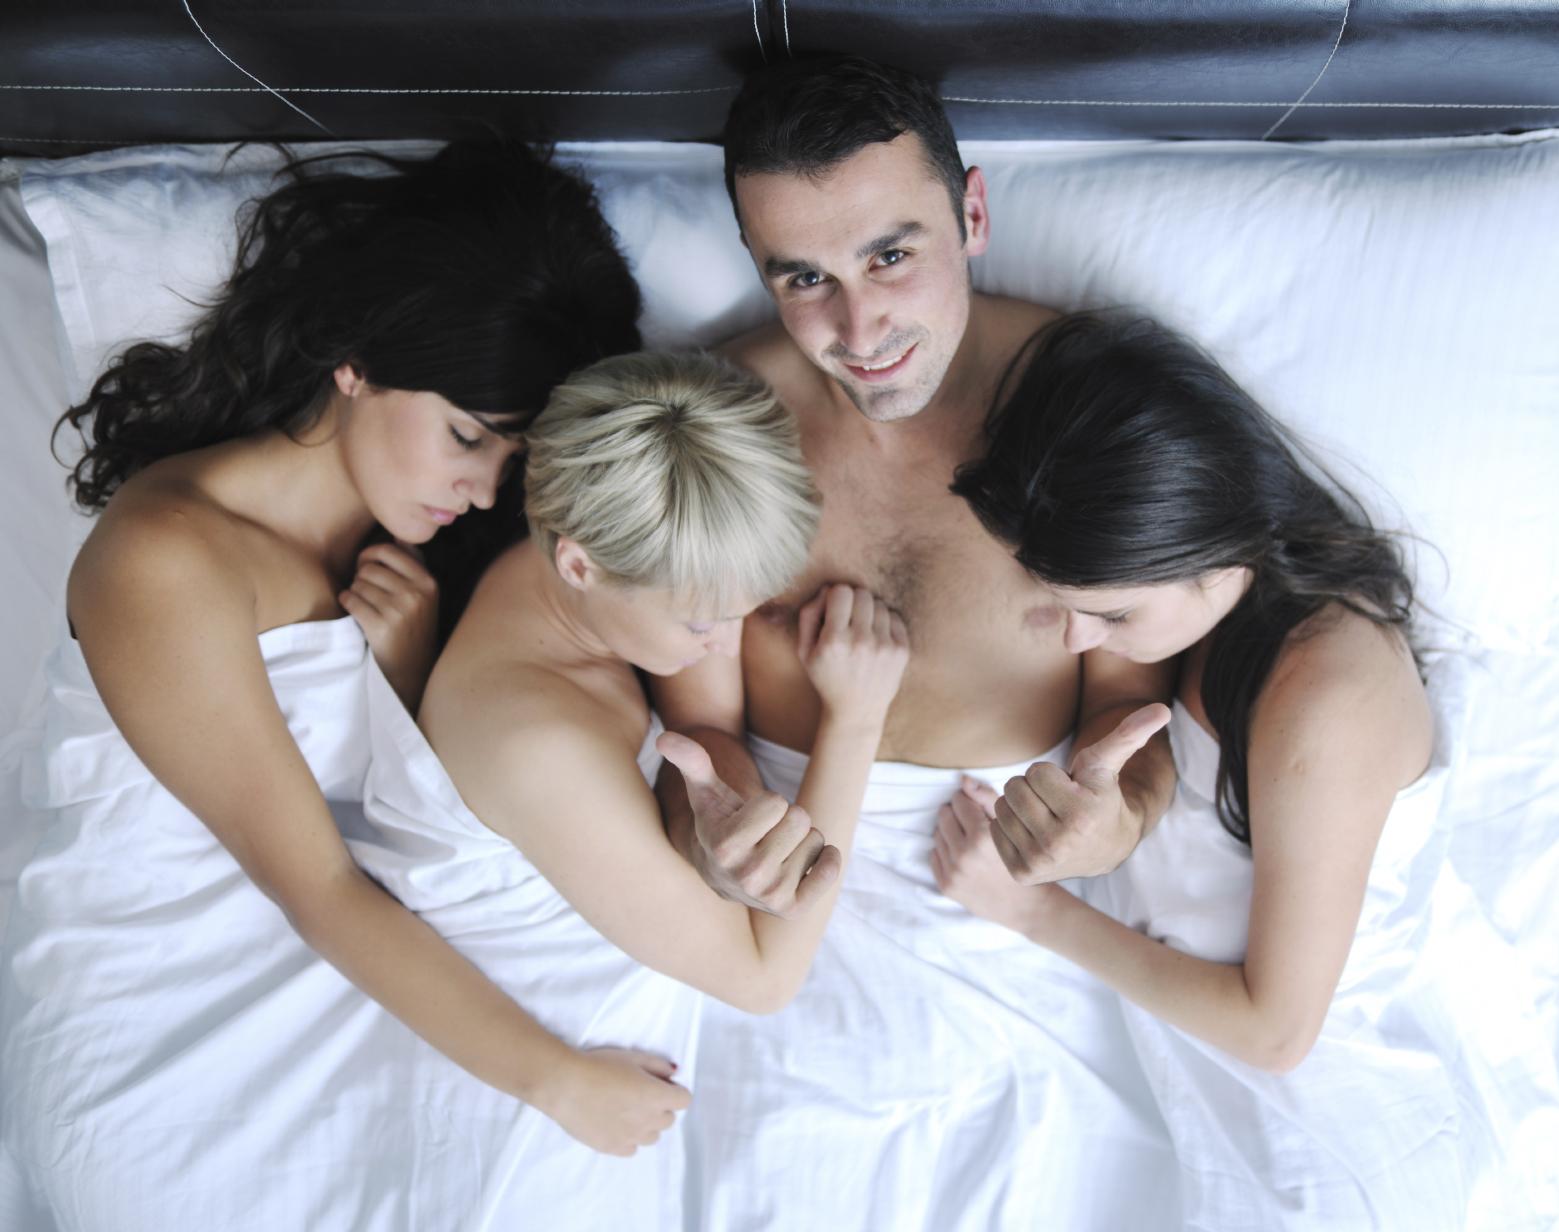 Брюнетка пышными ролики парень и две девушки очко порно